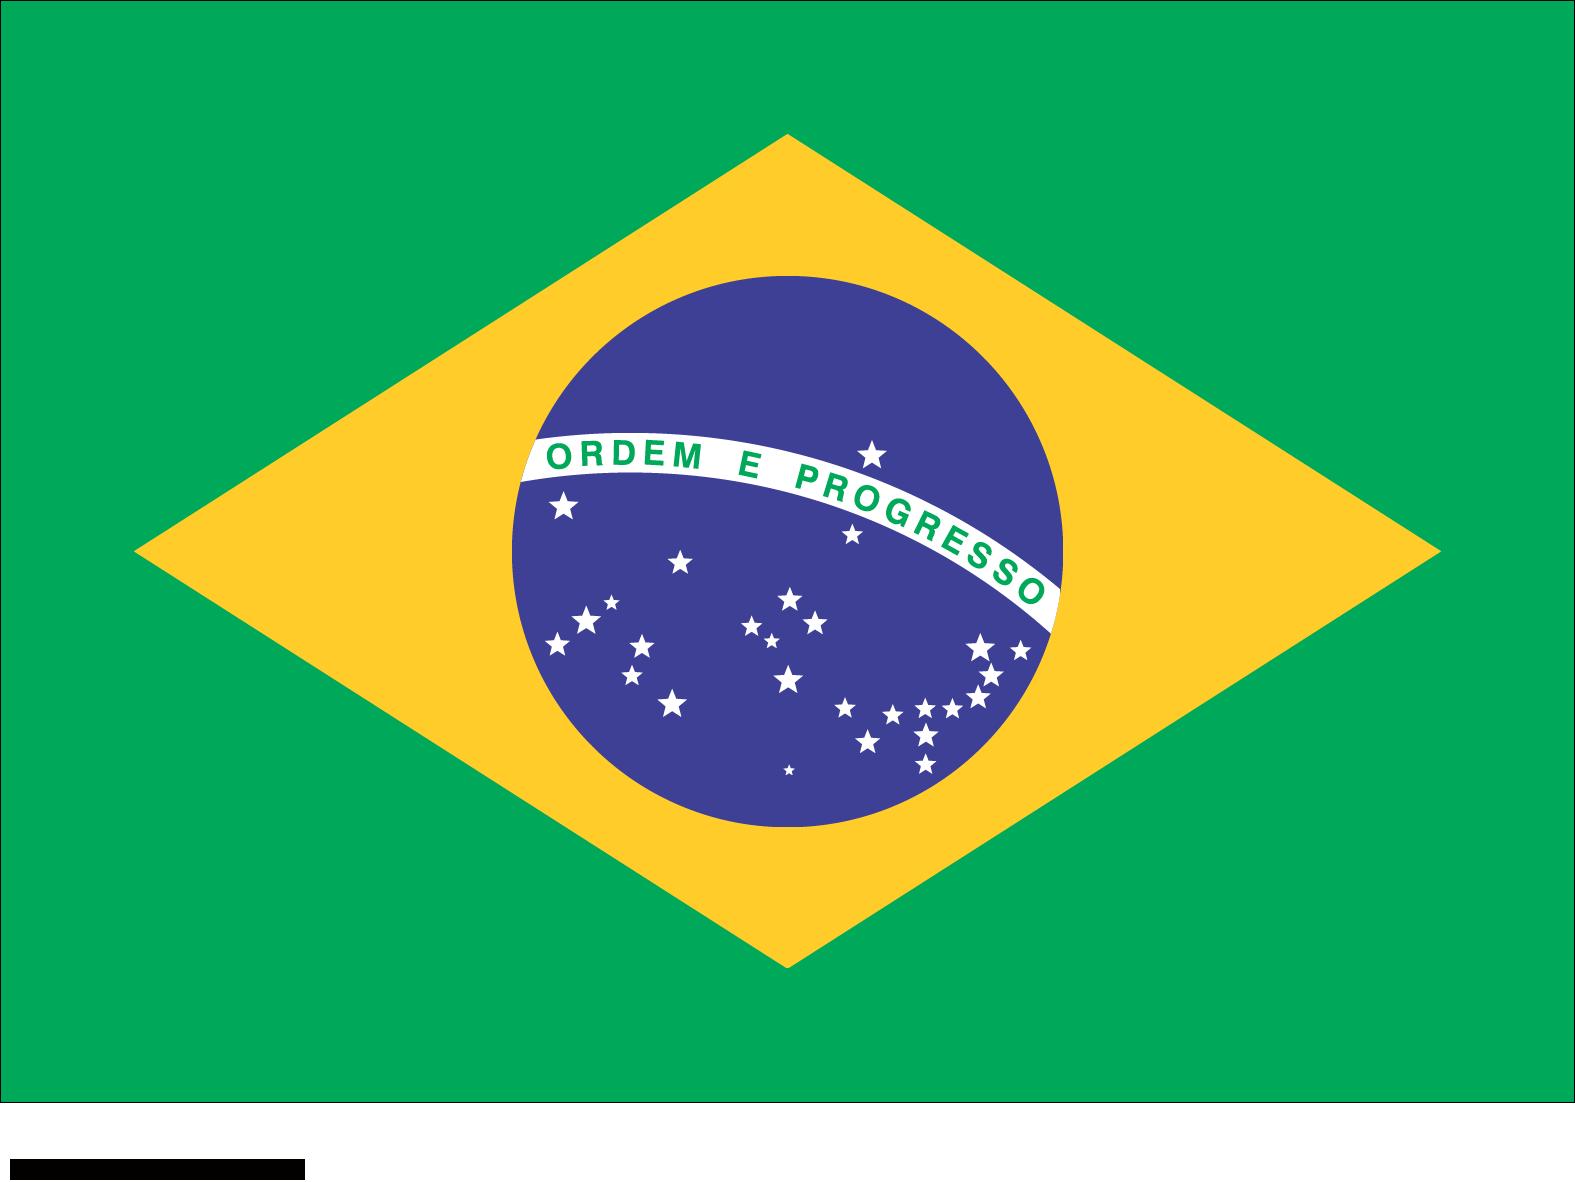 bandeira do brasil detalhada clicavel